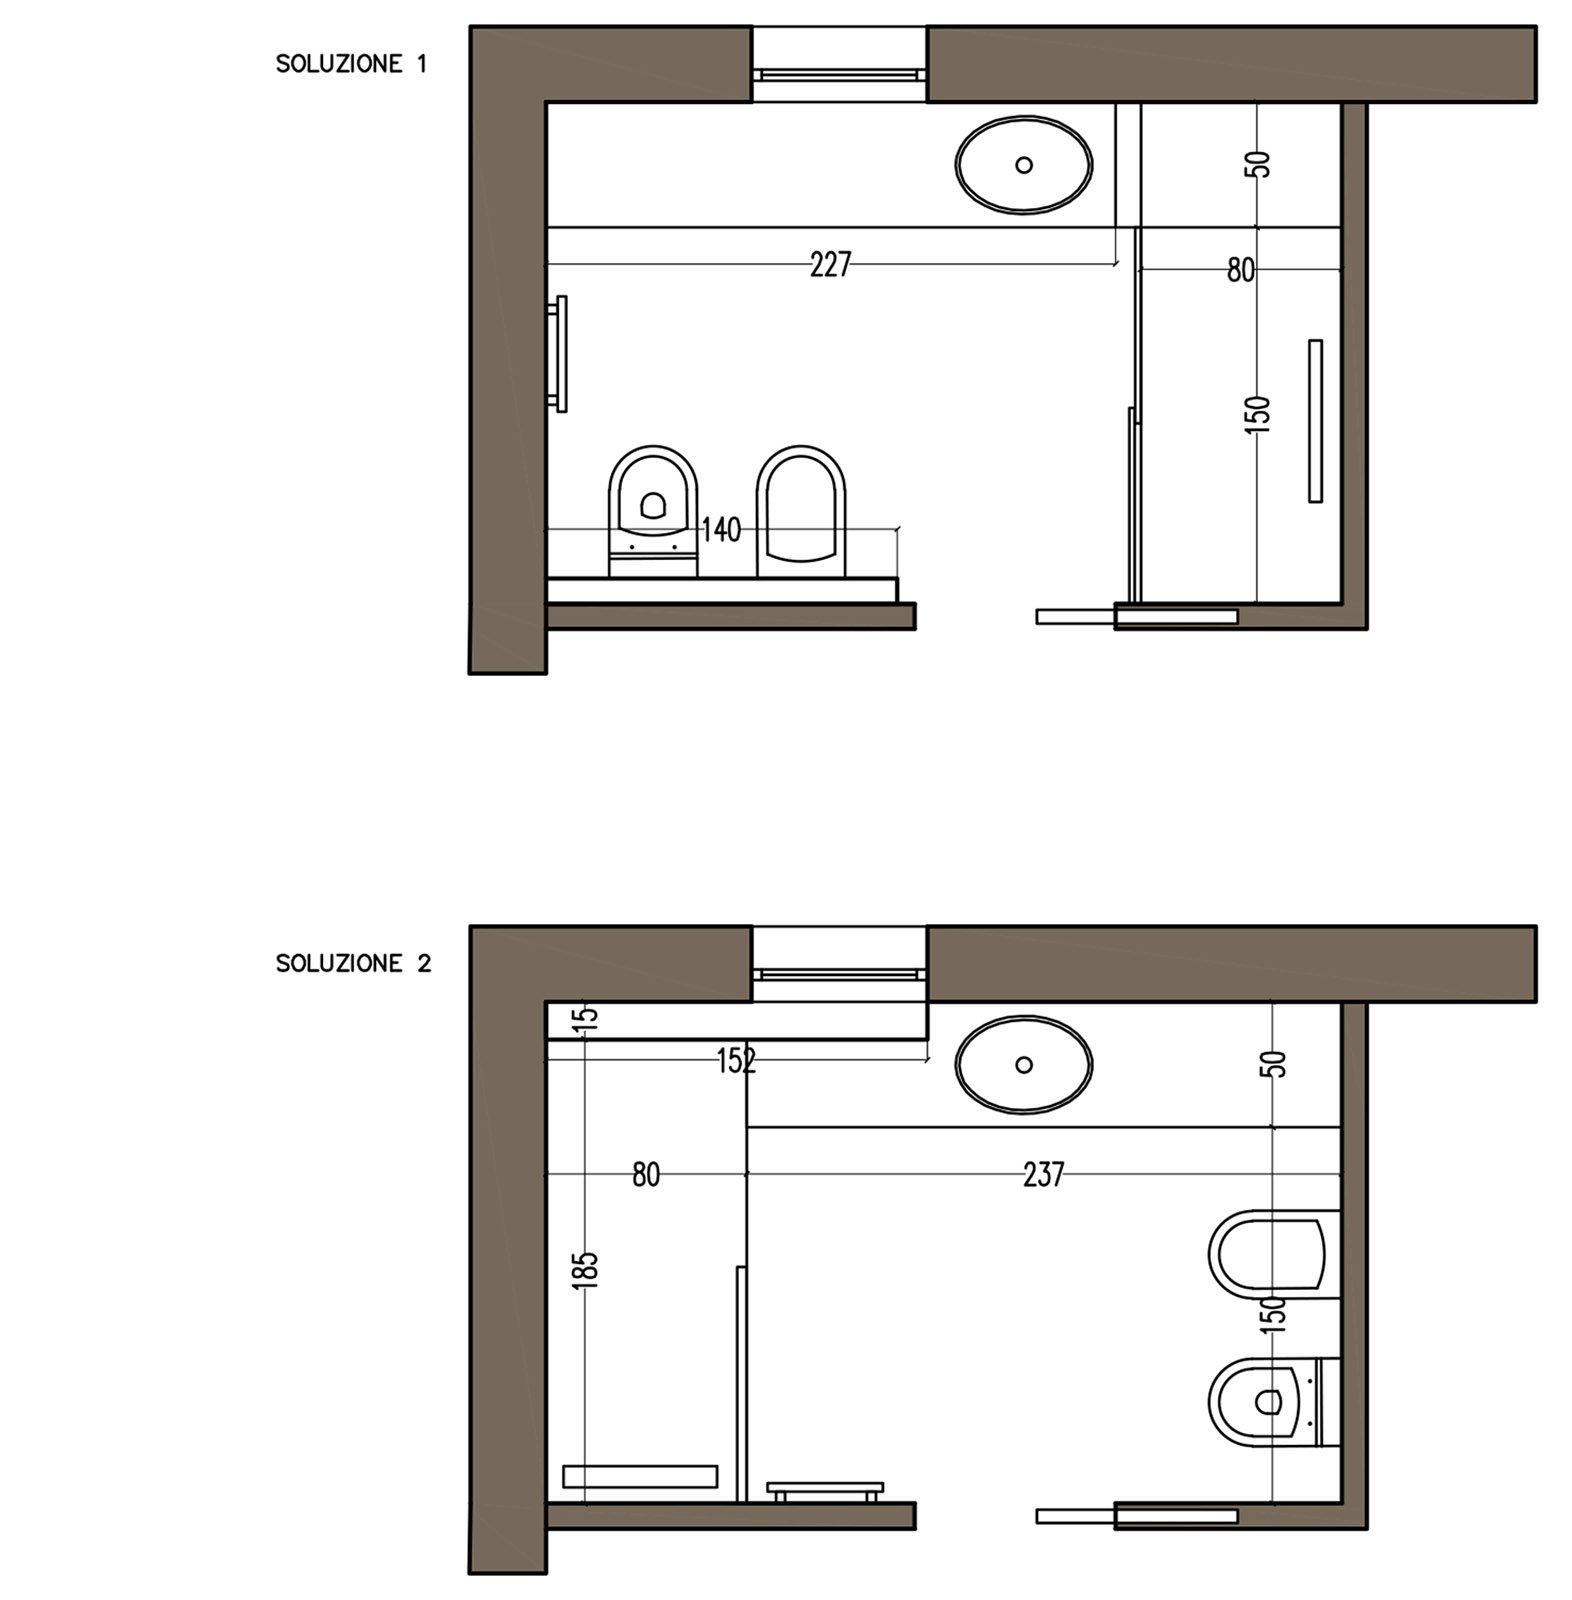 Bagno quale la distribuzione migliore per sanitari e doccia cose di casa - Progetto bagno 2x2 ...